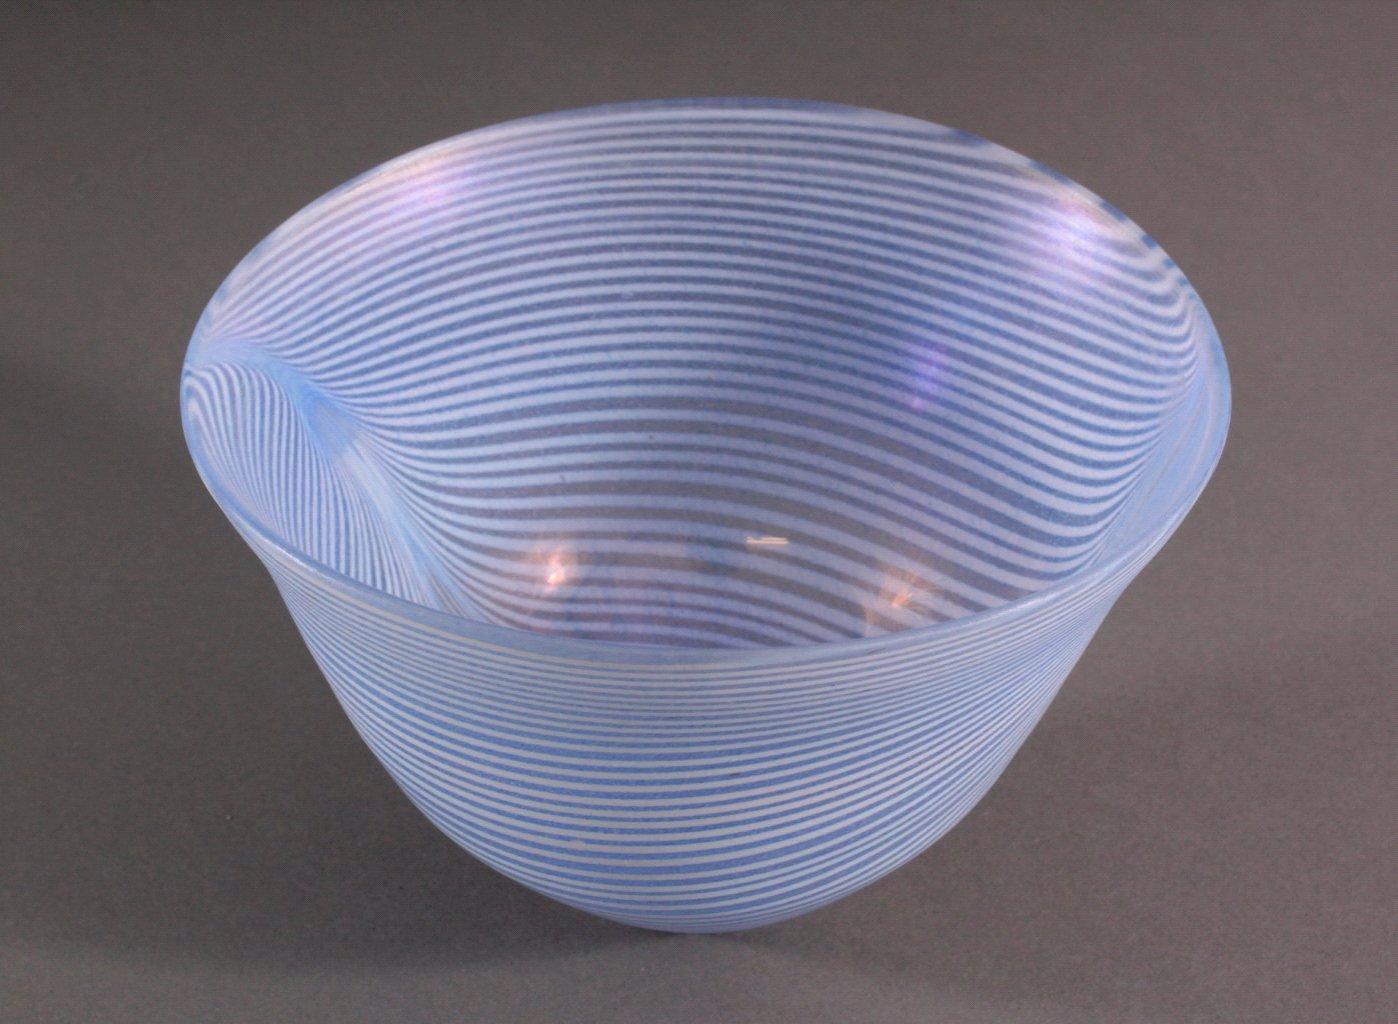 Glasschale, Bertil Vallien für Costa Boda-1